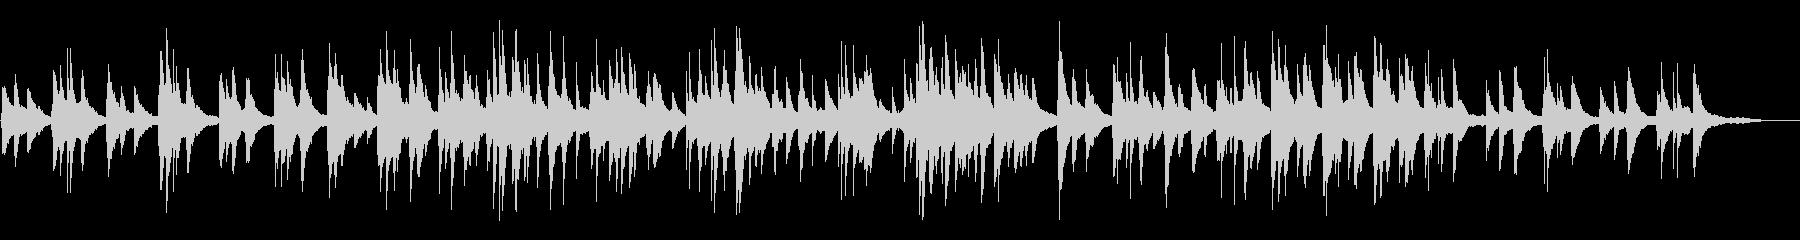 カフェ・ヨガ・睡眠 lo-fiピアノソロの未再生の波形